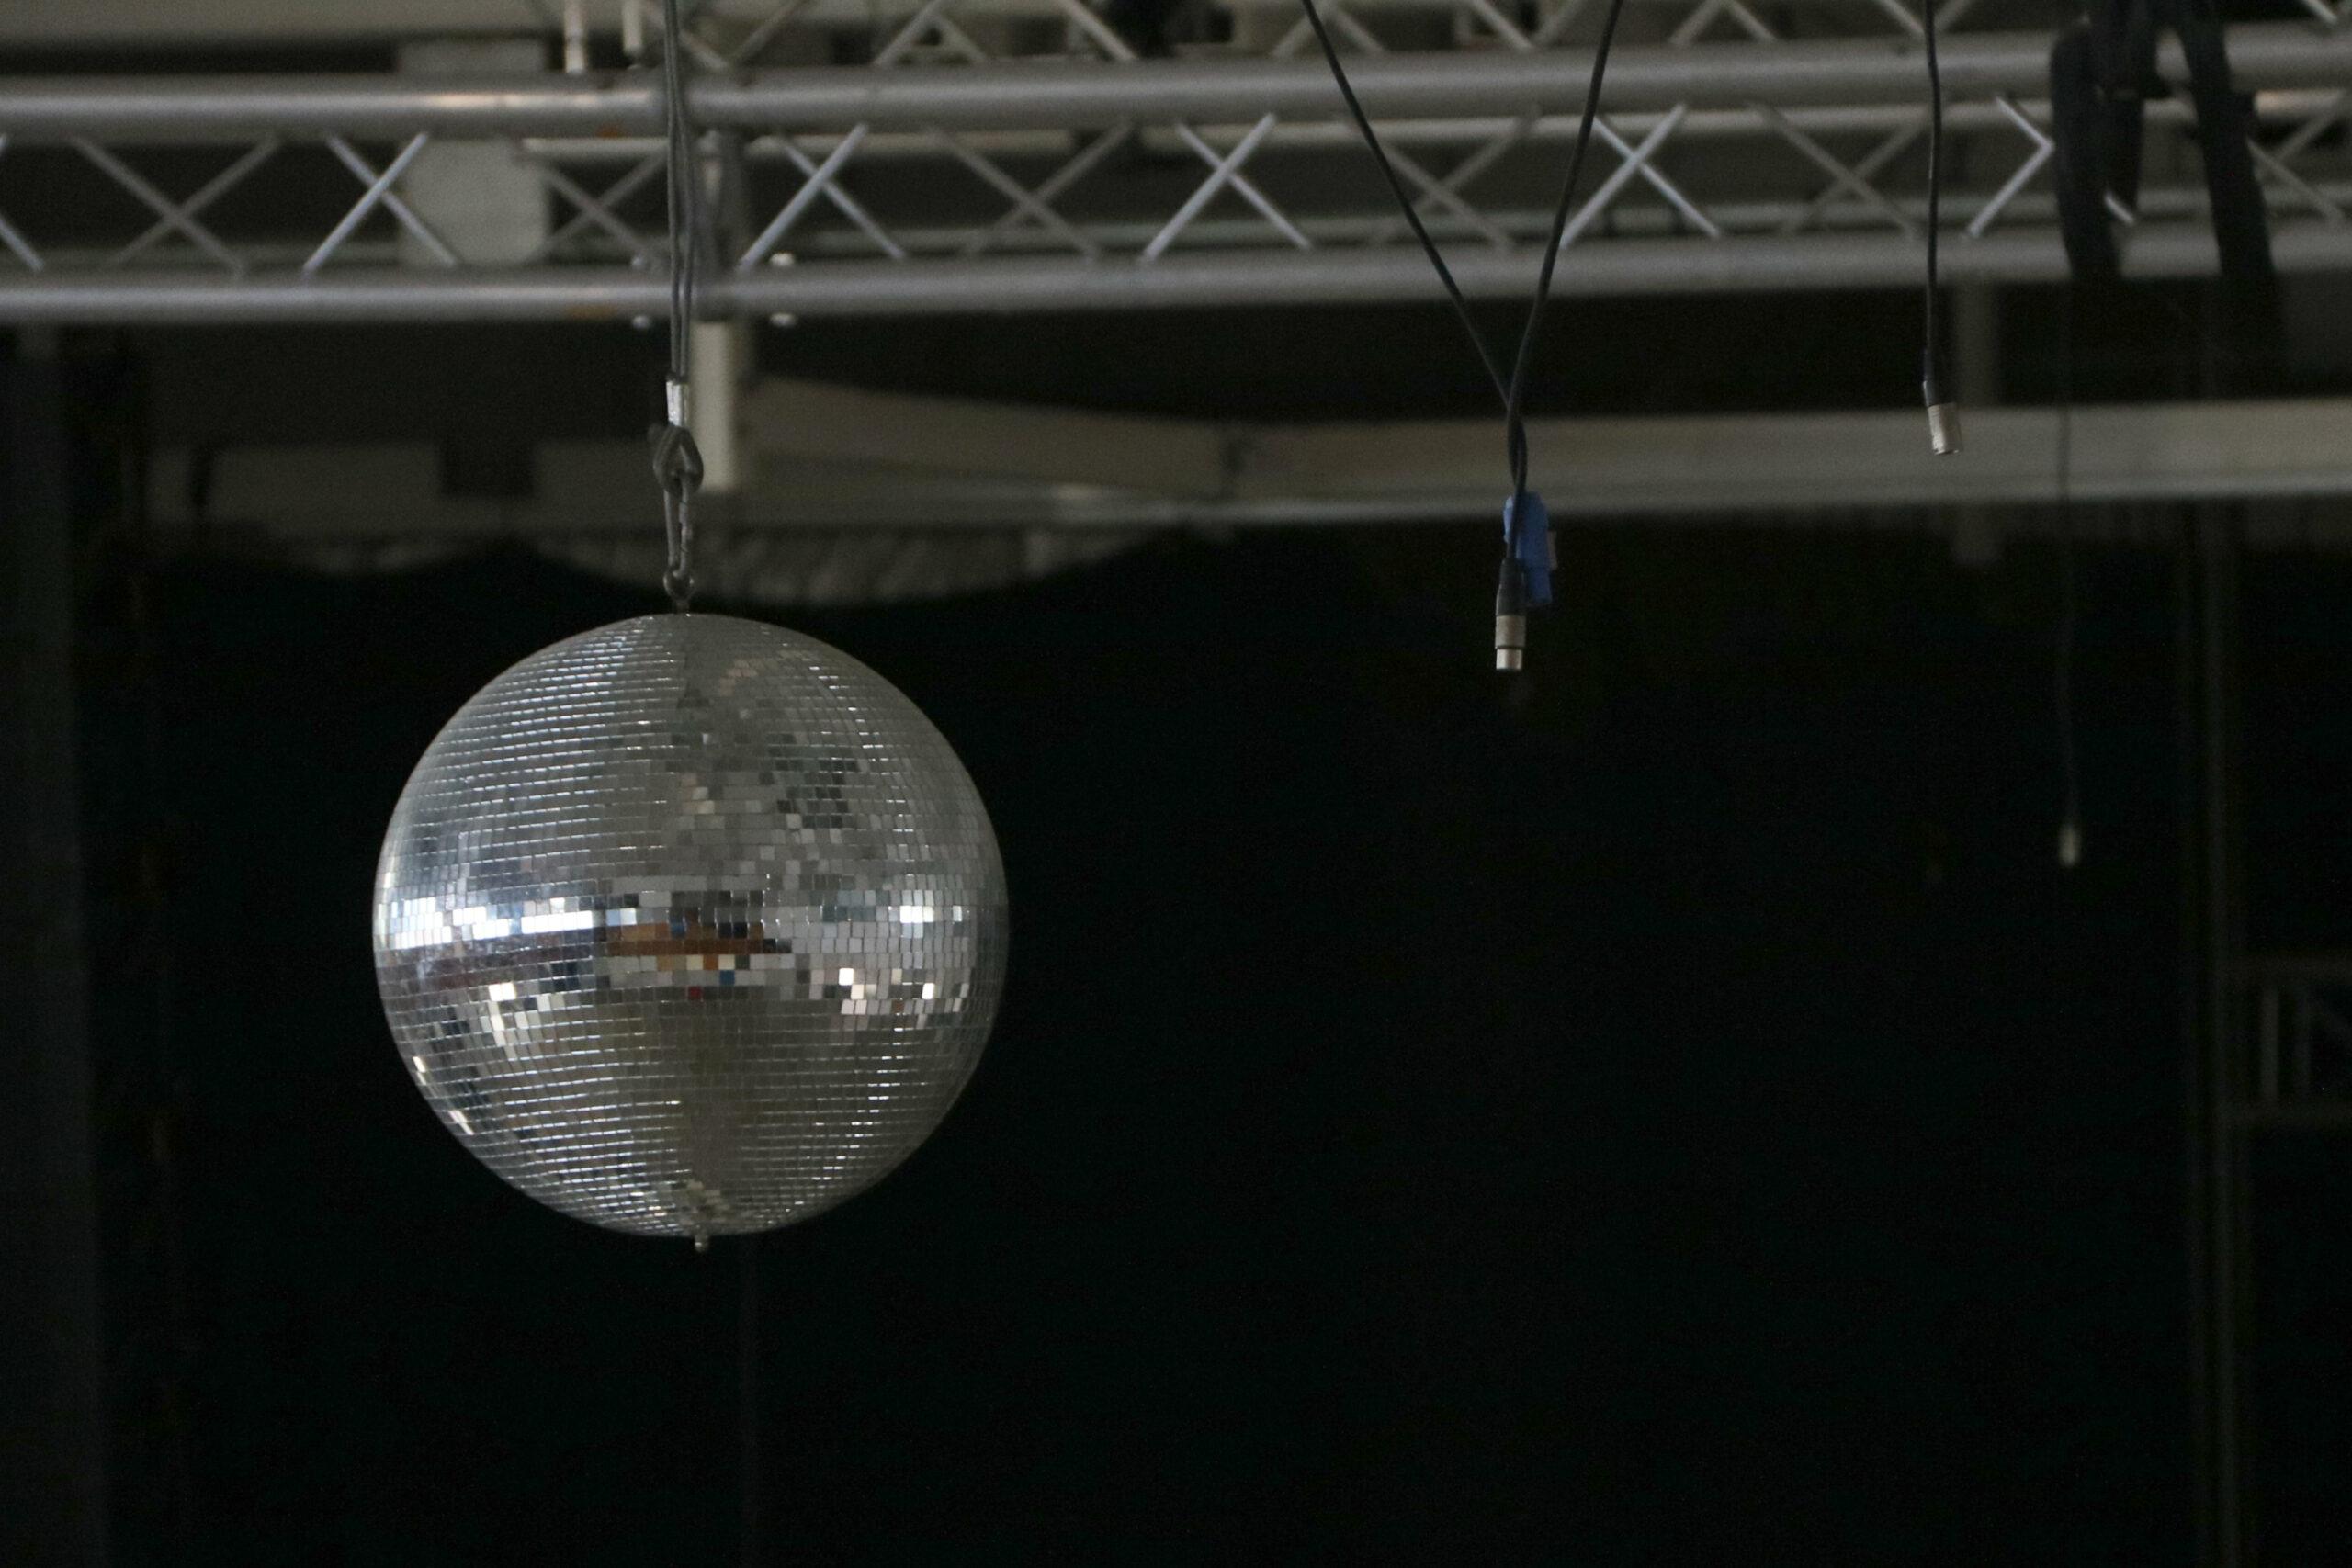 La bola de cristalls d'una discoteca, amb cables desconectats degut al tancament pel confinament. Imatge del 16 de juny del 2020